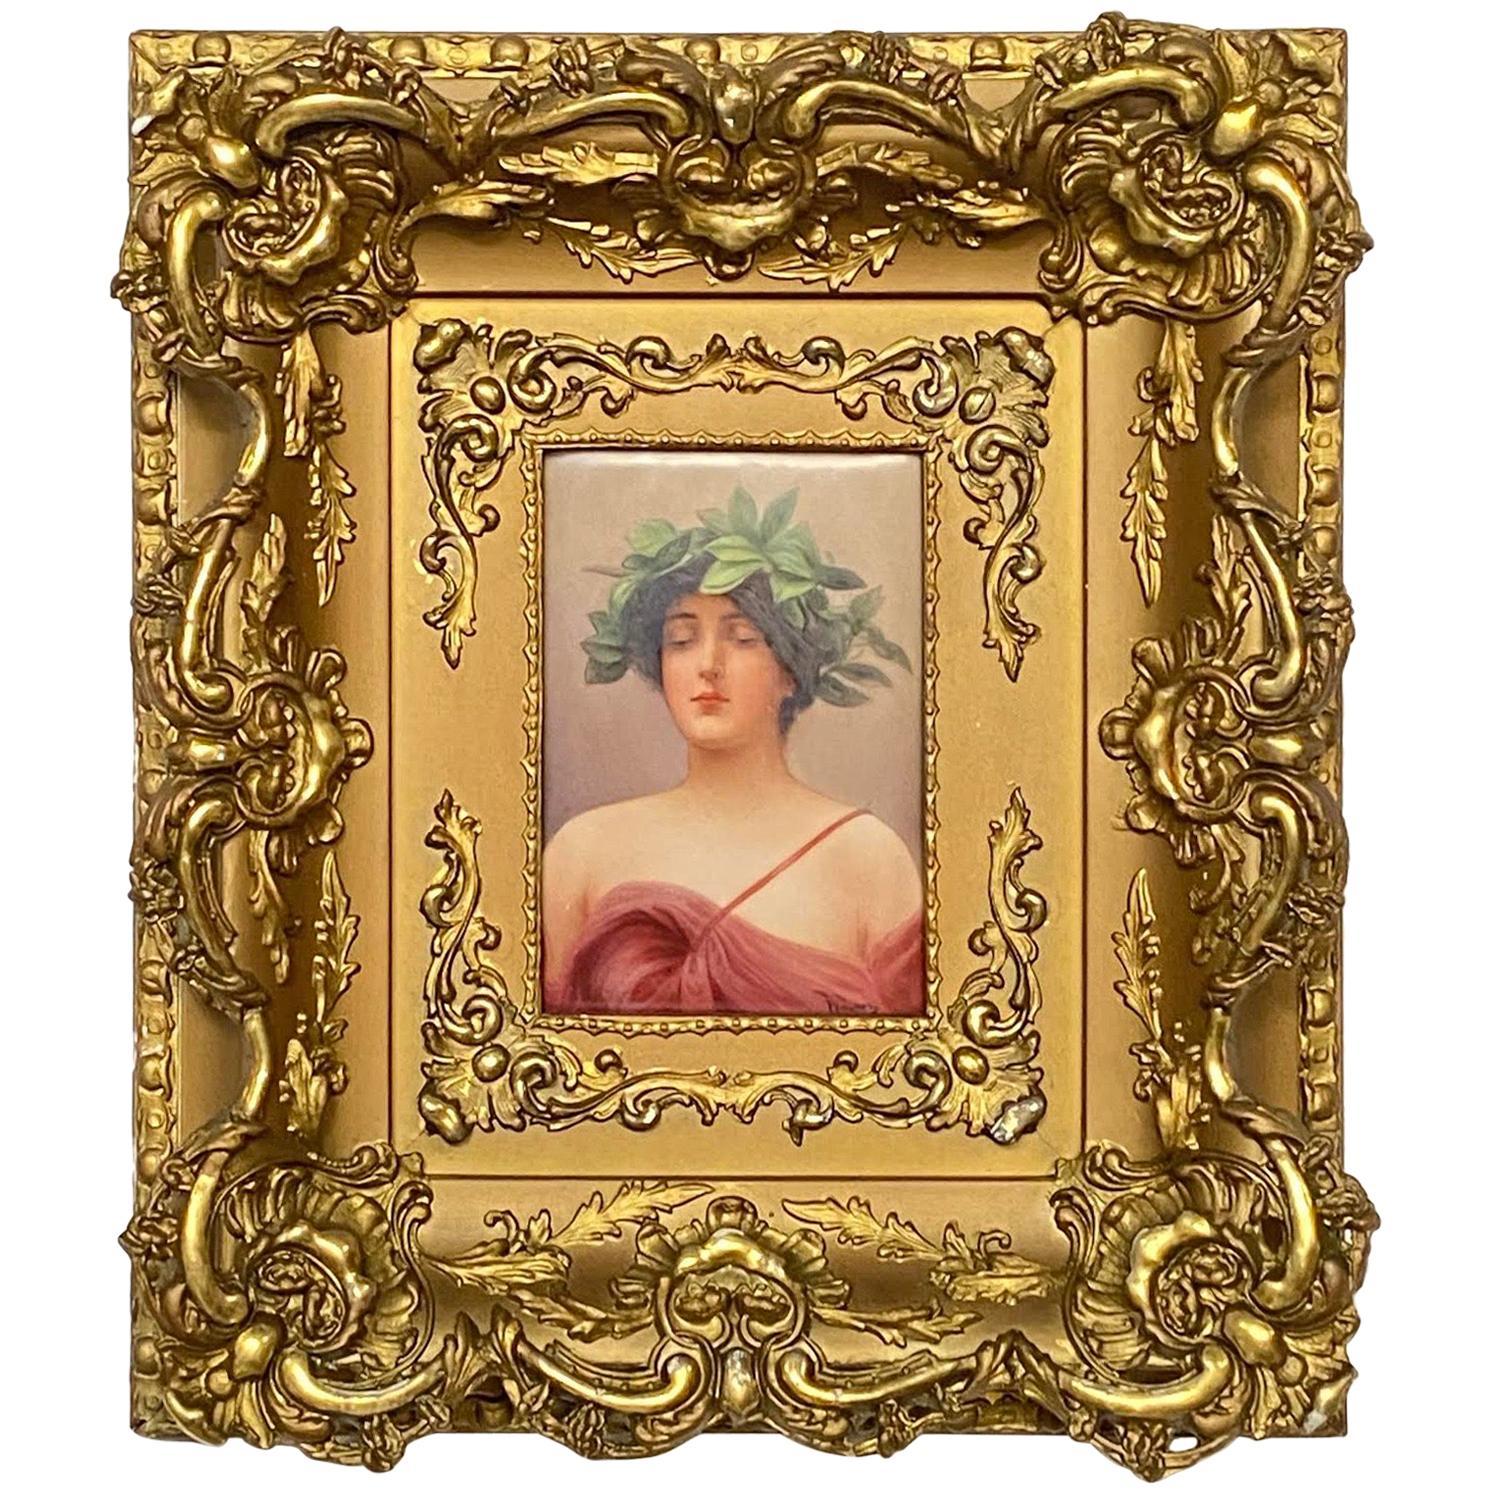 Wagner Porcelain Plaque Portrait of 'Daphne' by C.M. Hutschenreuther